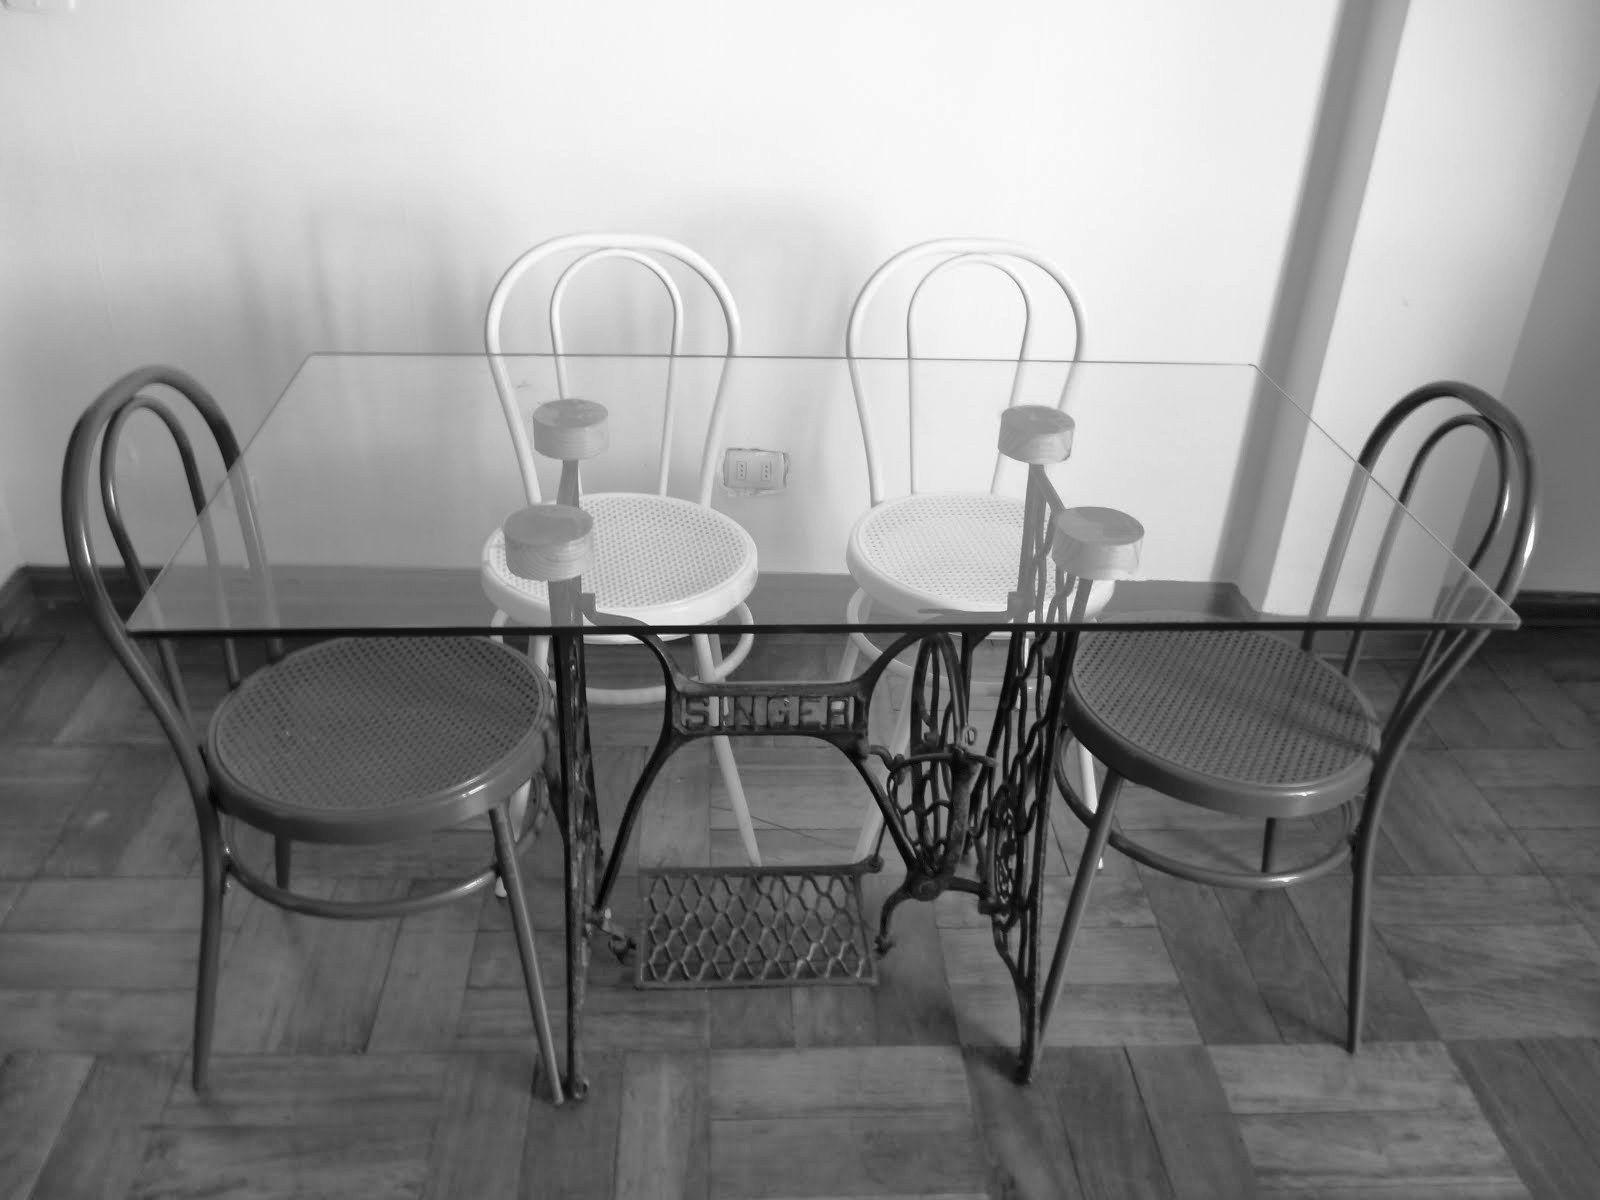 Mesa de coser comedor buscar con google m masin - Mobili per macchine da cucire ...